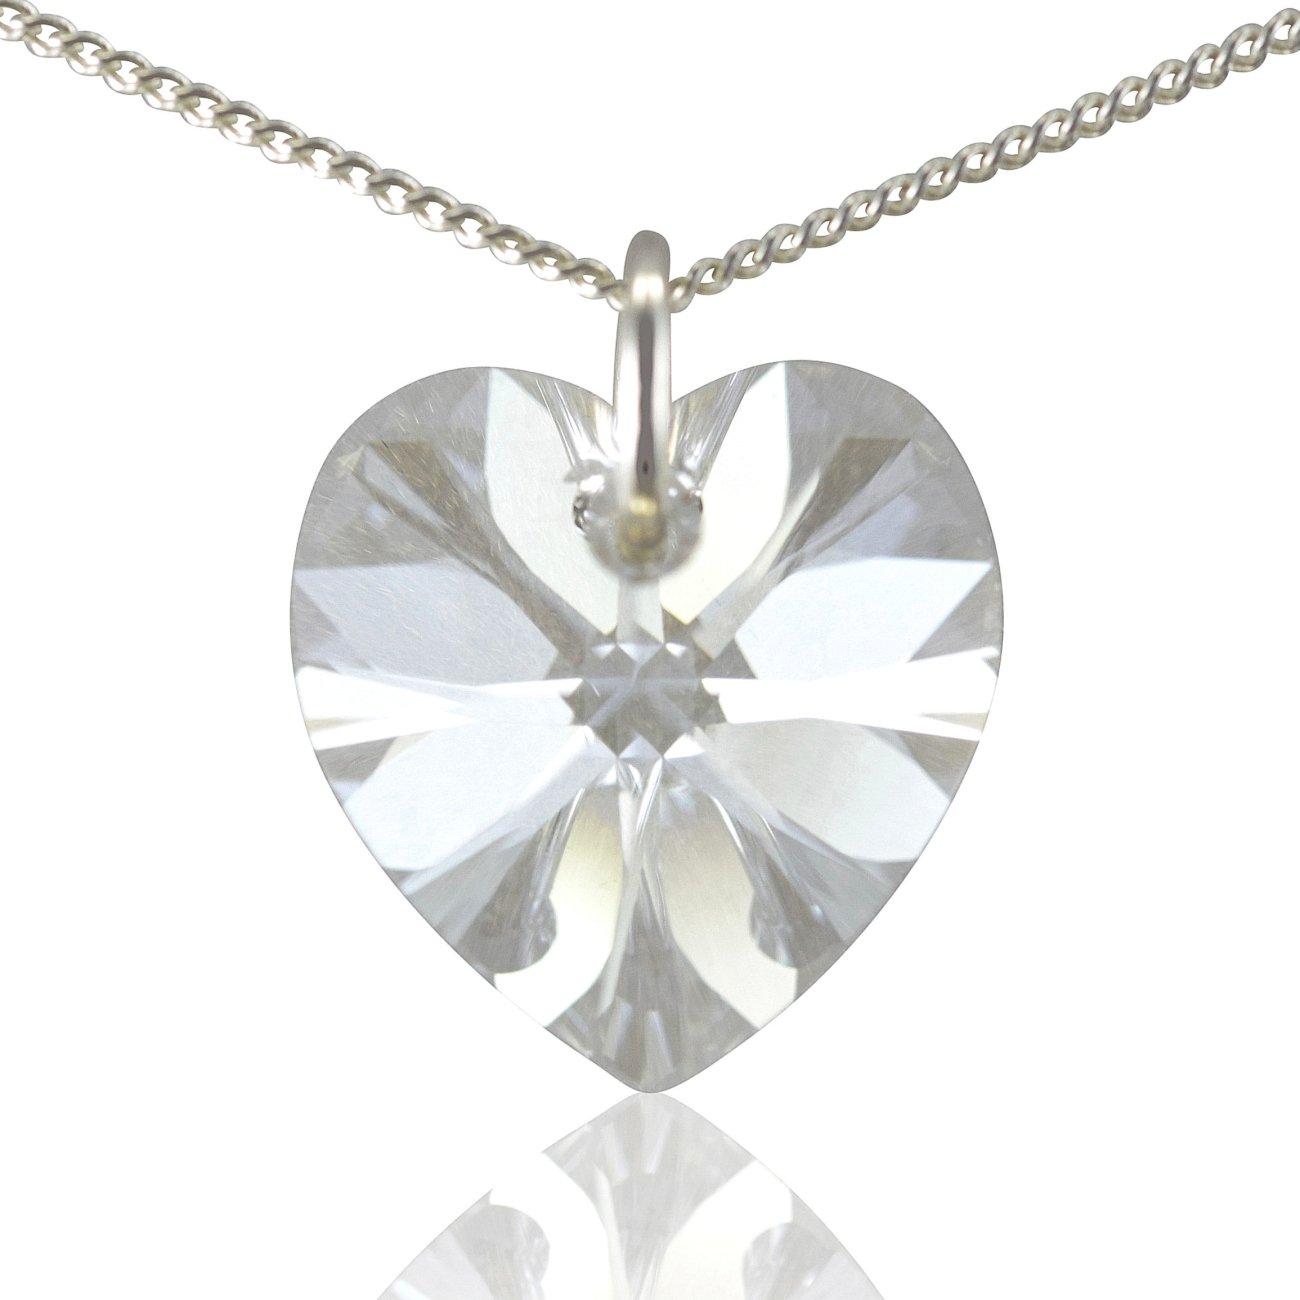 14MM Diamond White Genuine Swarovski Heart Crystal 925 Silver Necklace 16